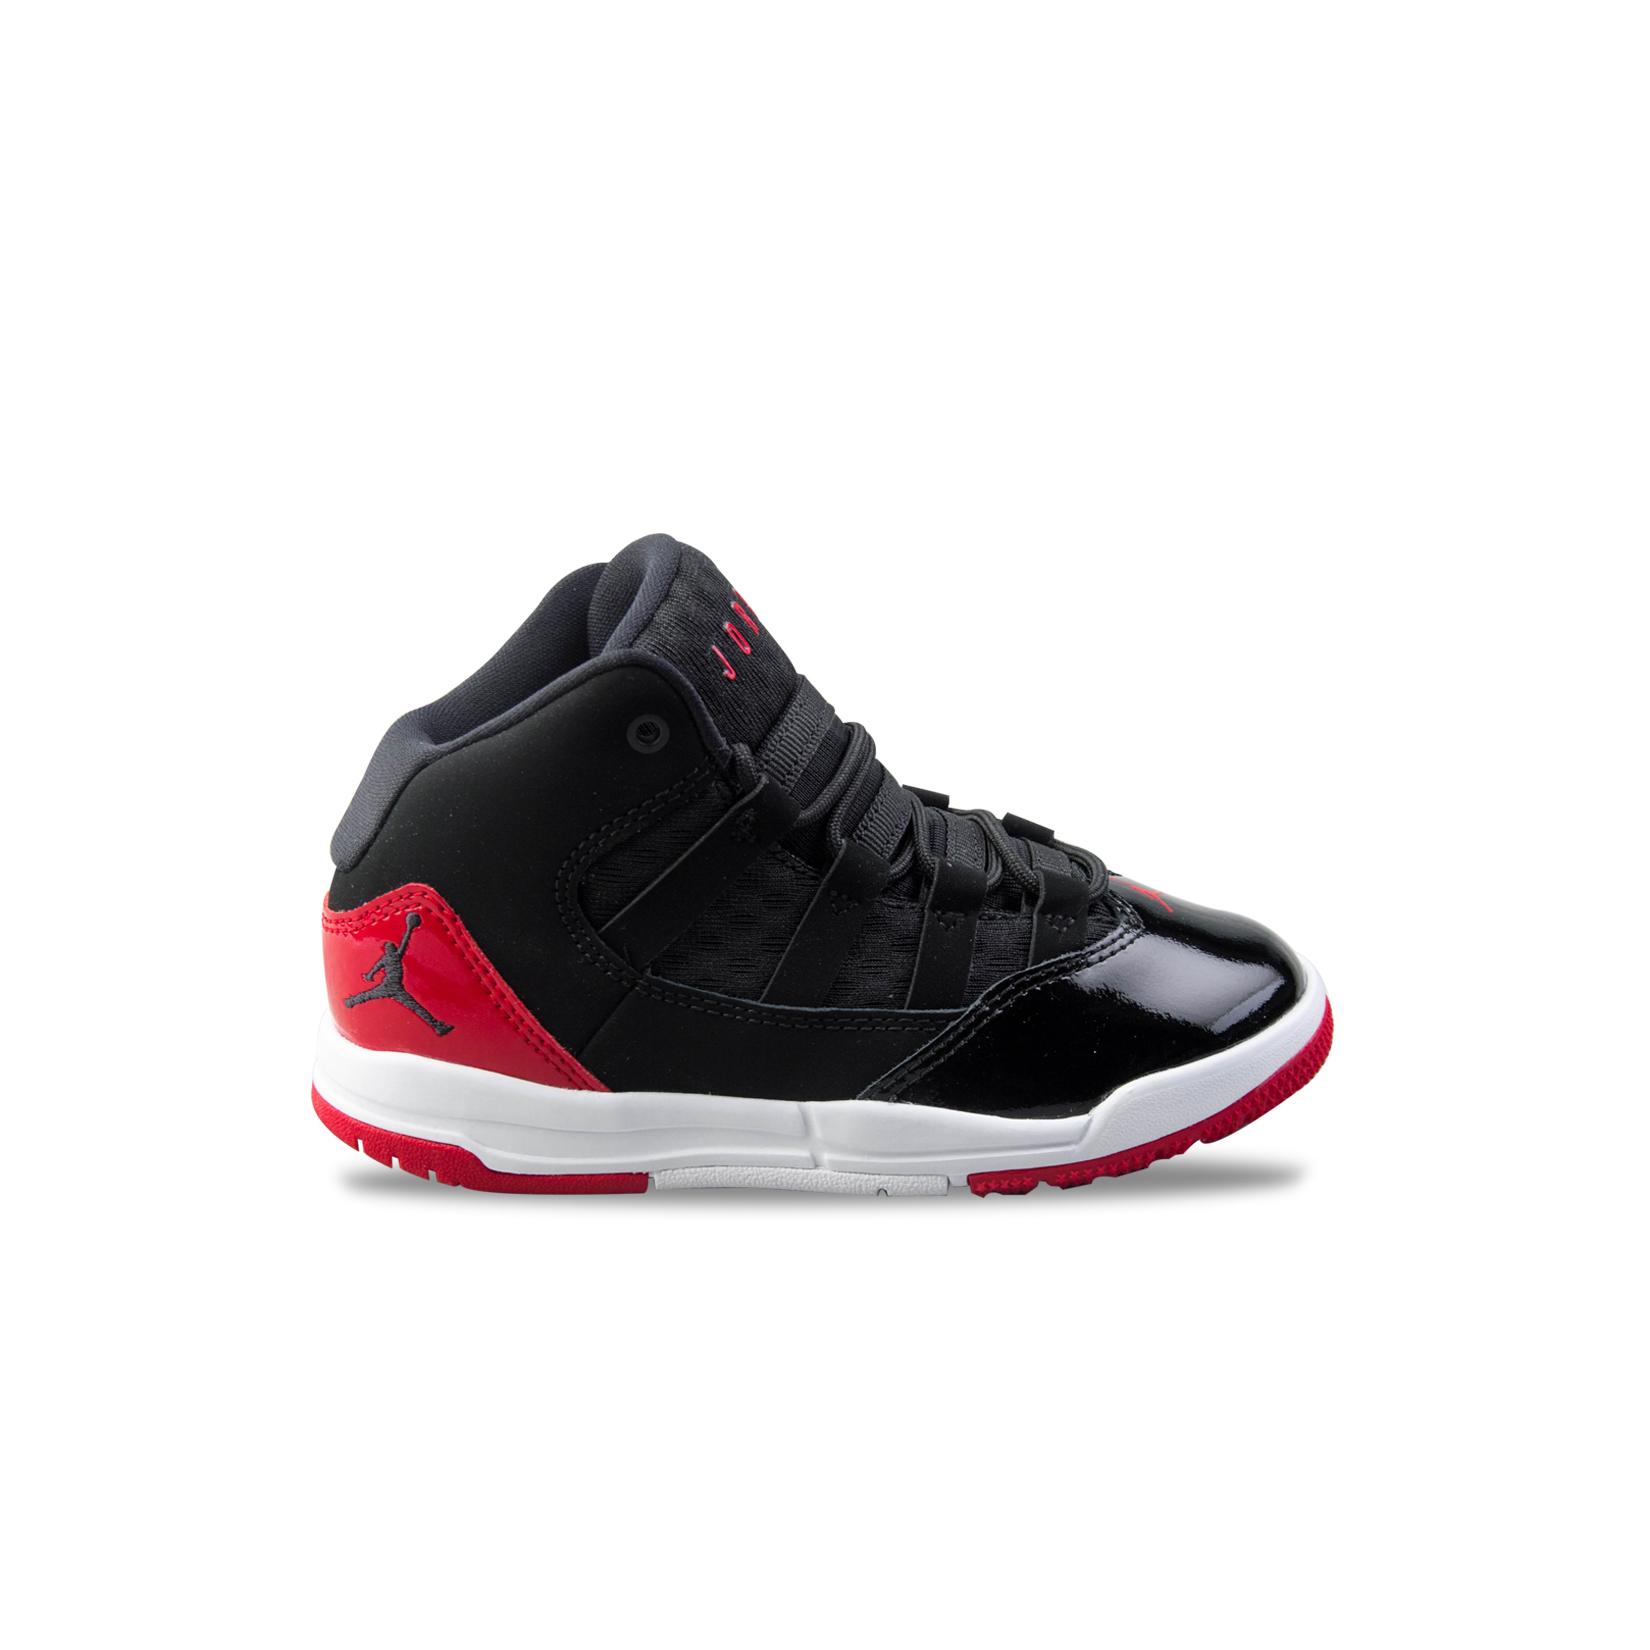 Jordan Max Aura Black - Red